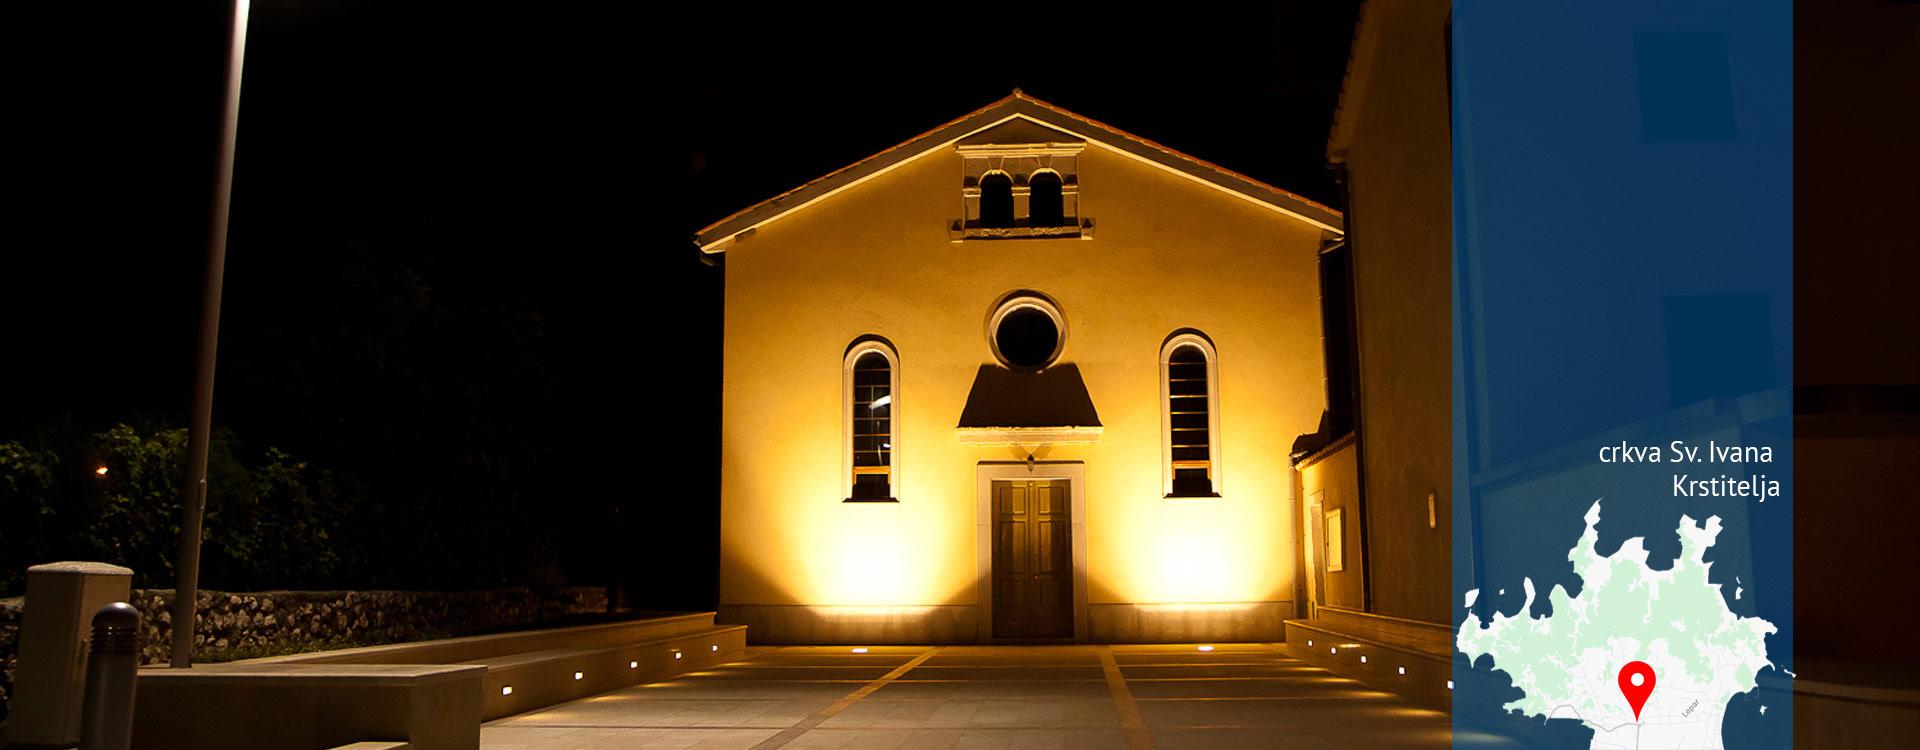 Općina Lopar - crkva Sv. Ivana Krstitelja